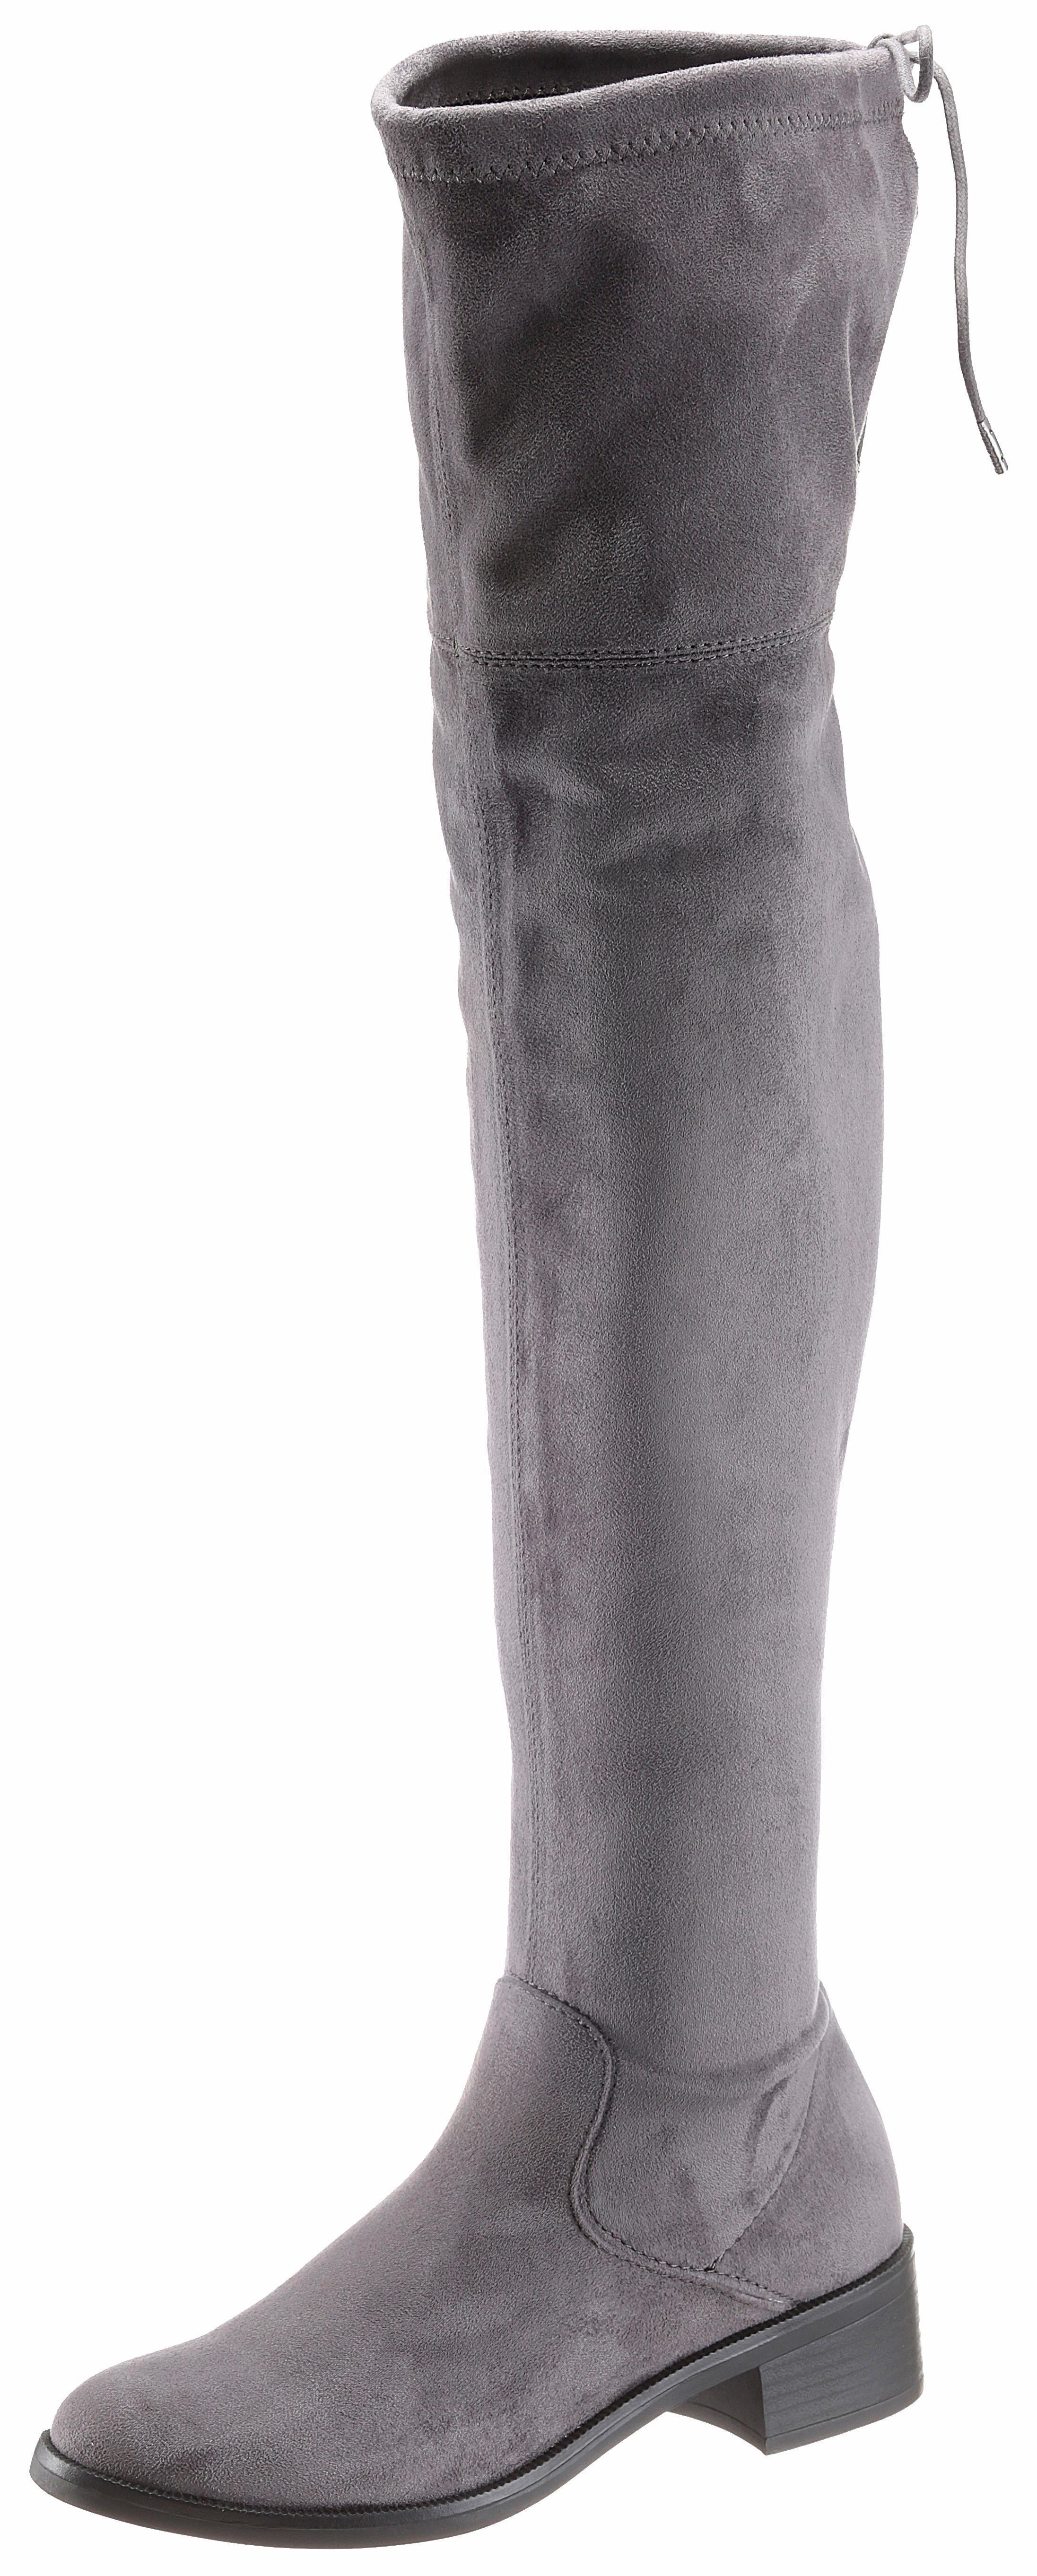 Red Stiefel Wildleder S Graue Overknee Label Von Aus oliver xoBedC